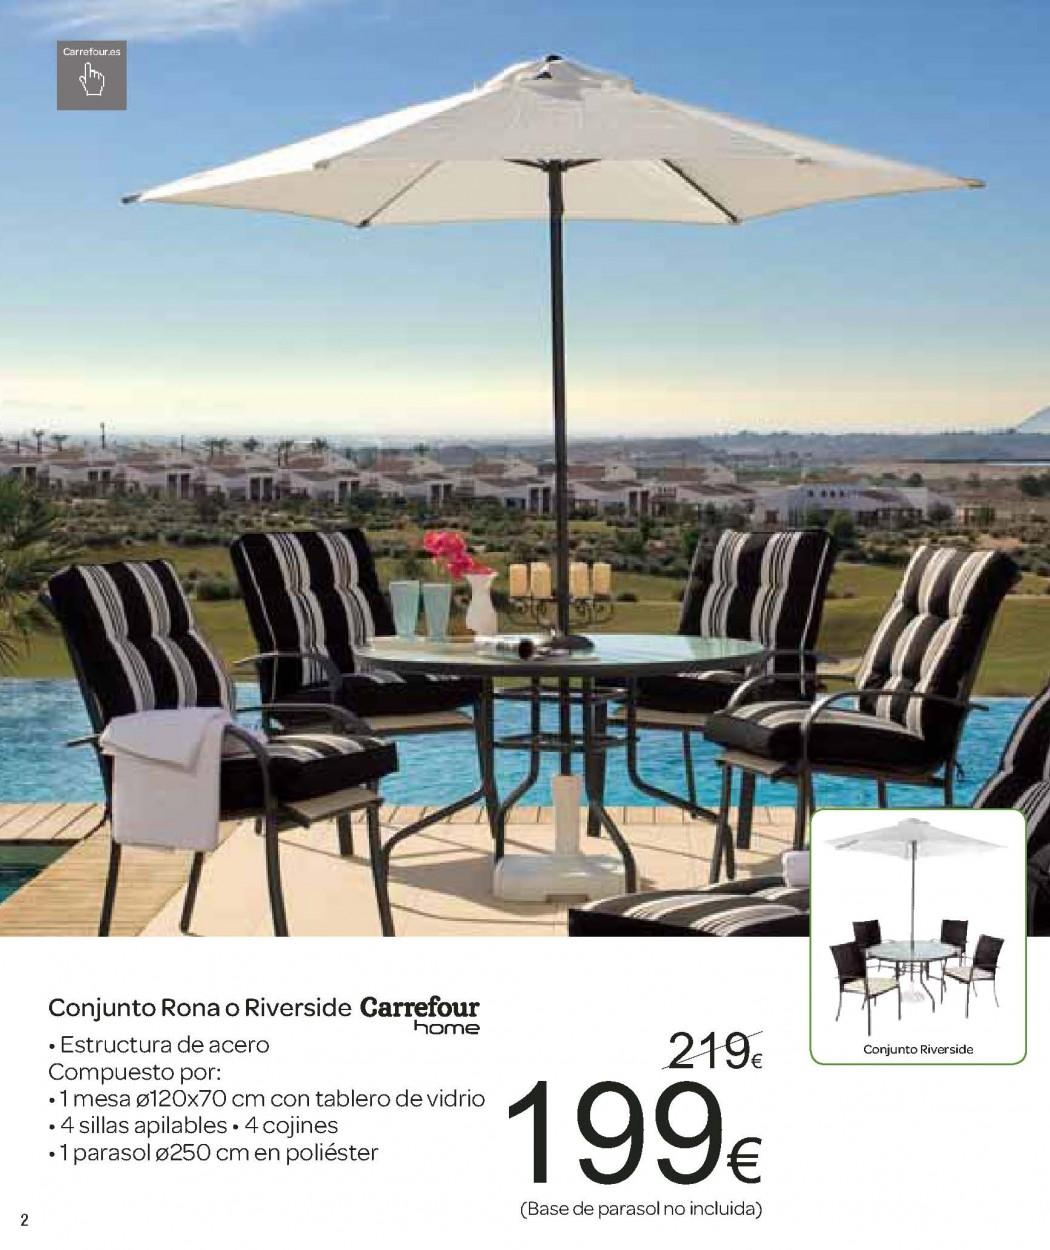 Catalogo Carrefour Junio 2012 - Especial Piscinas y Jardin_Page_02